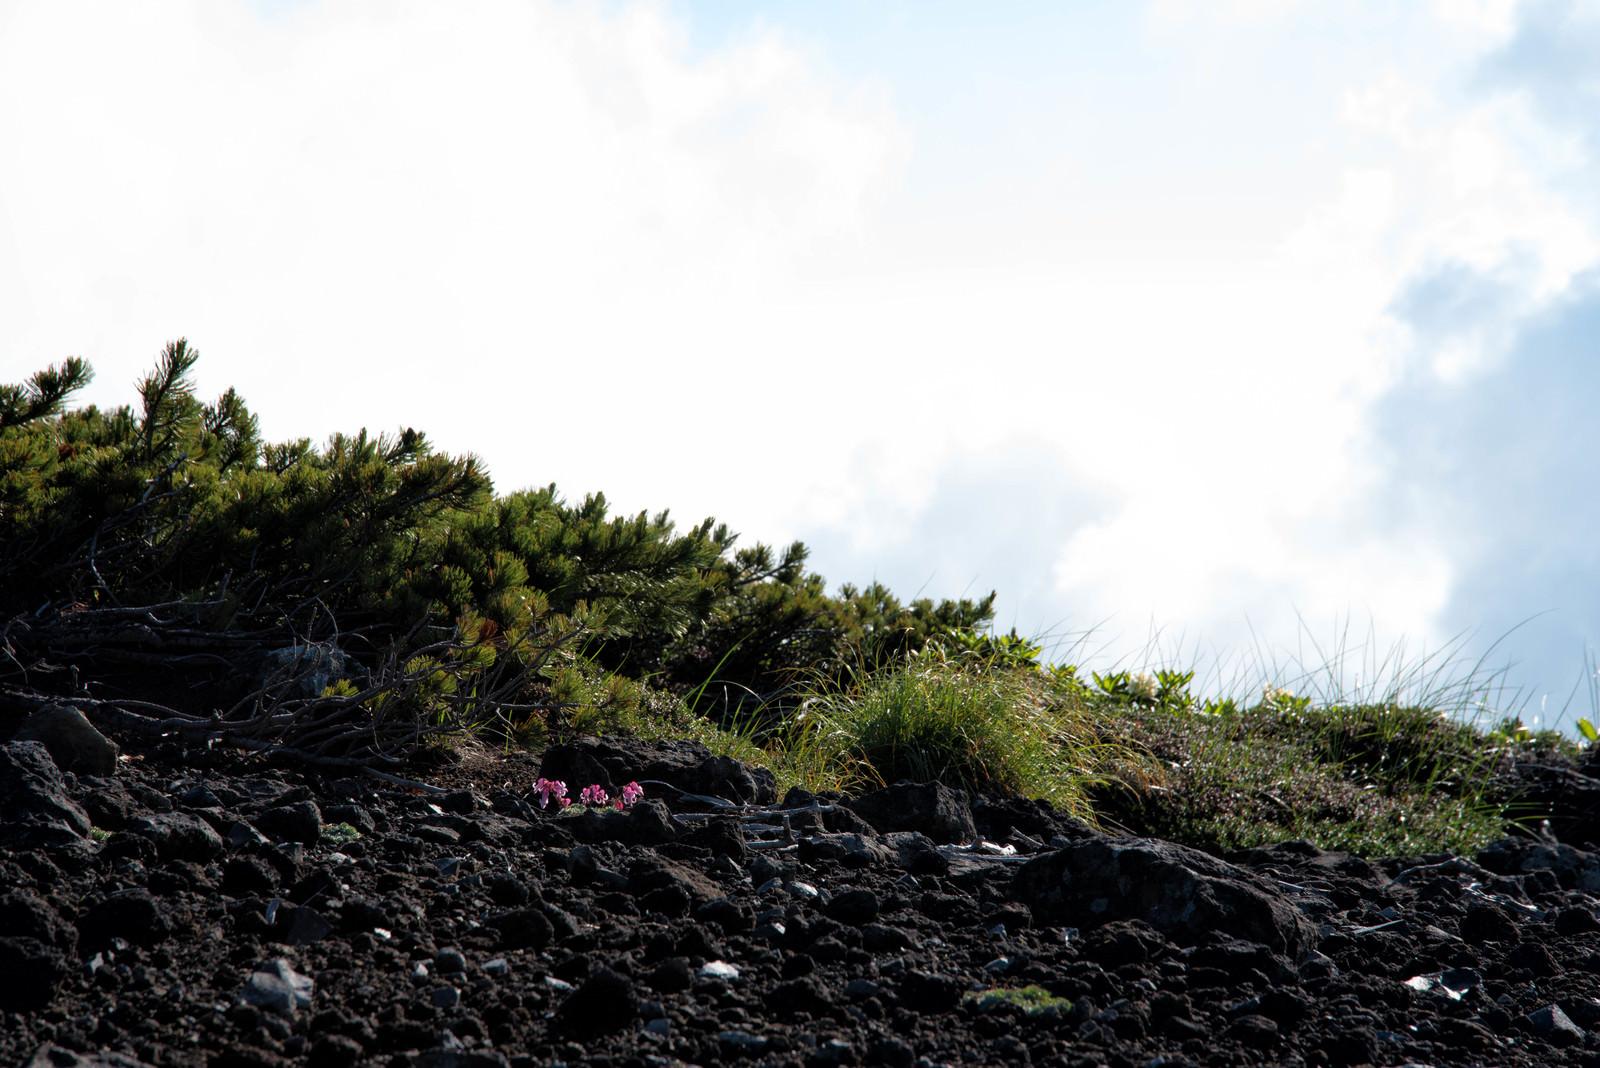 「砂礫地に息吹く高山植物の女王(コマクサ)」の写真